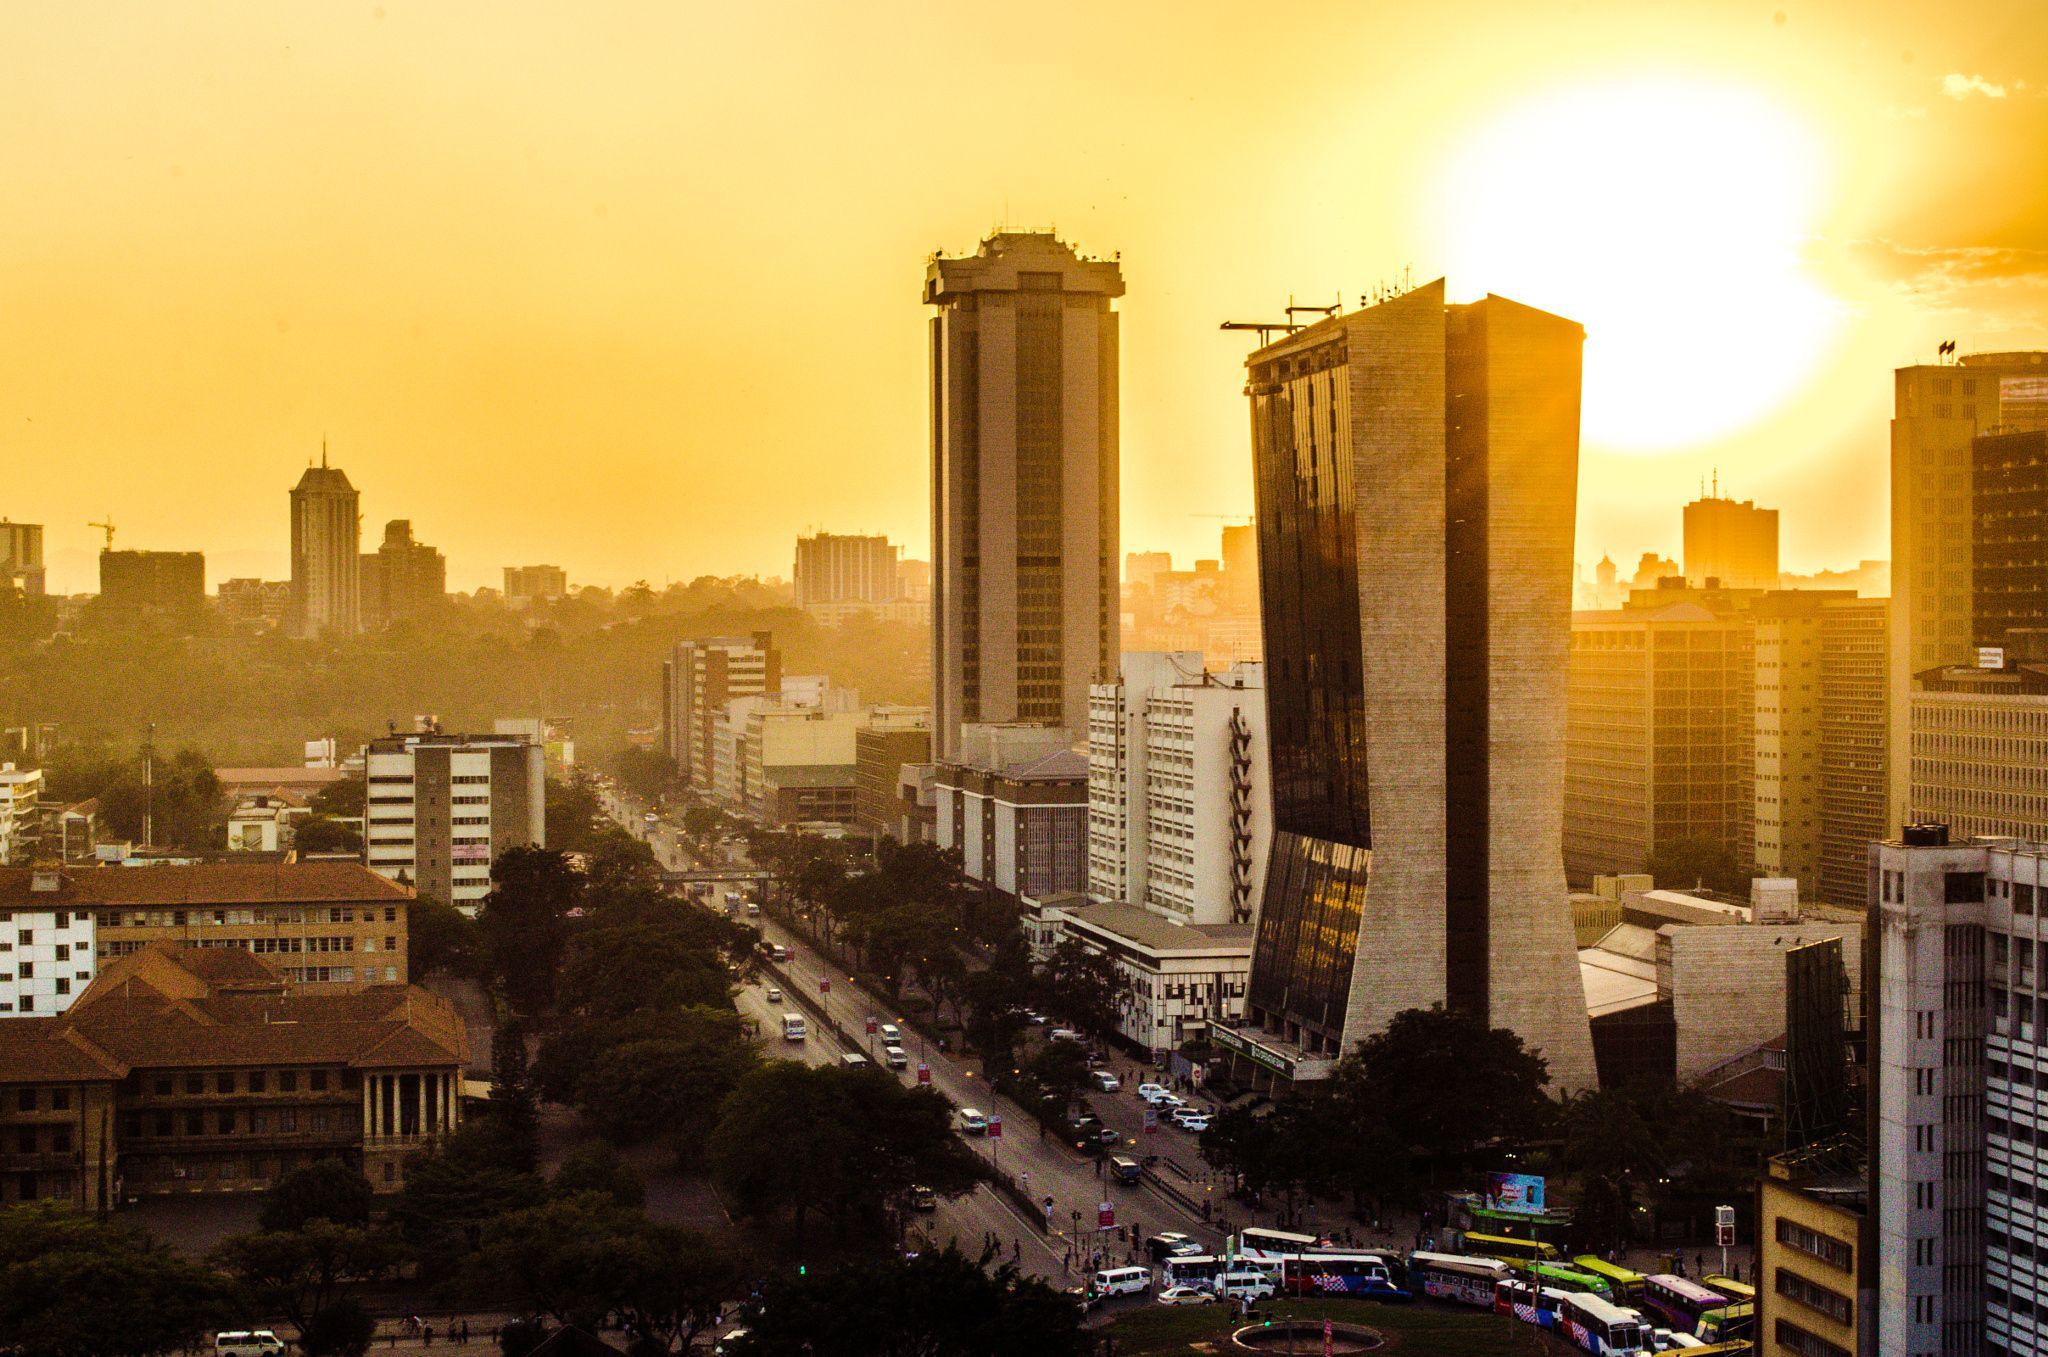 nairobi city 2021 view